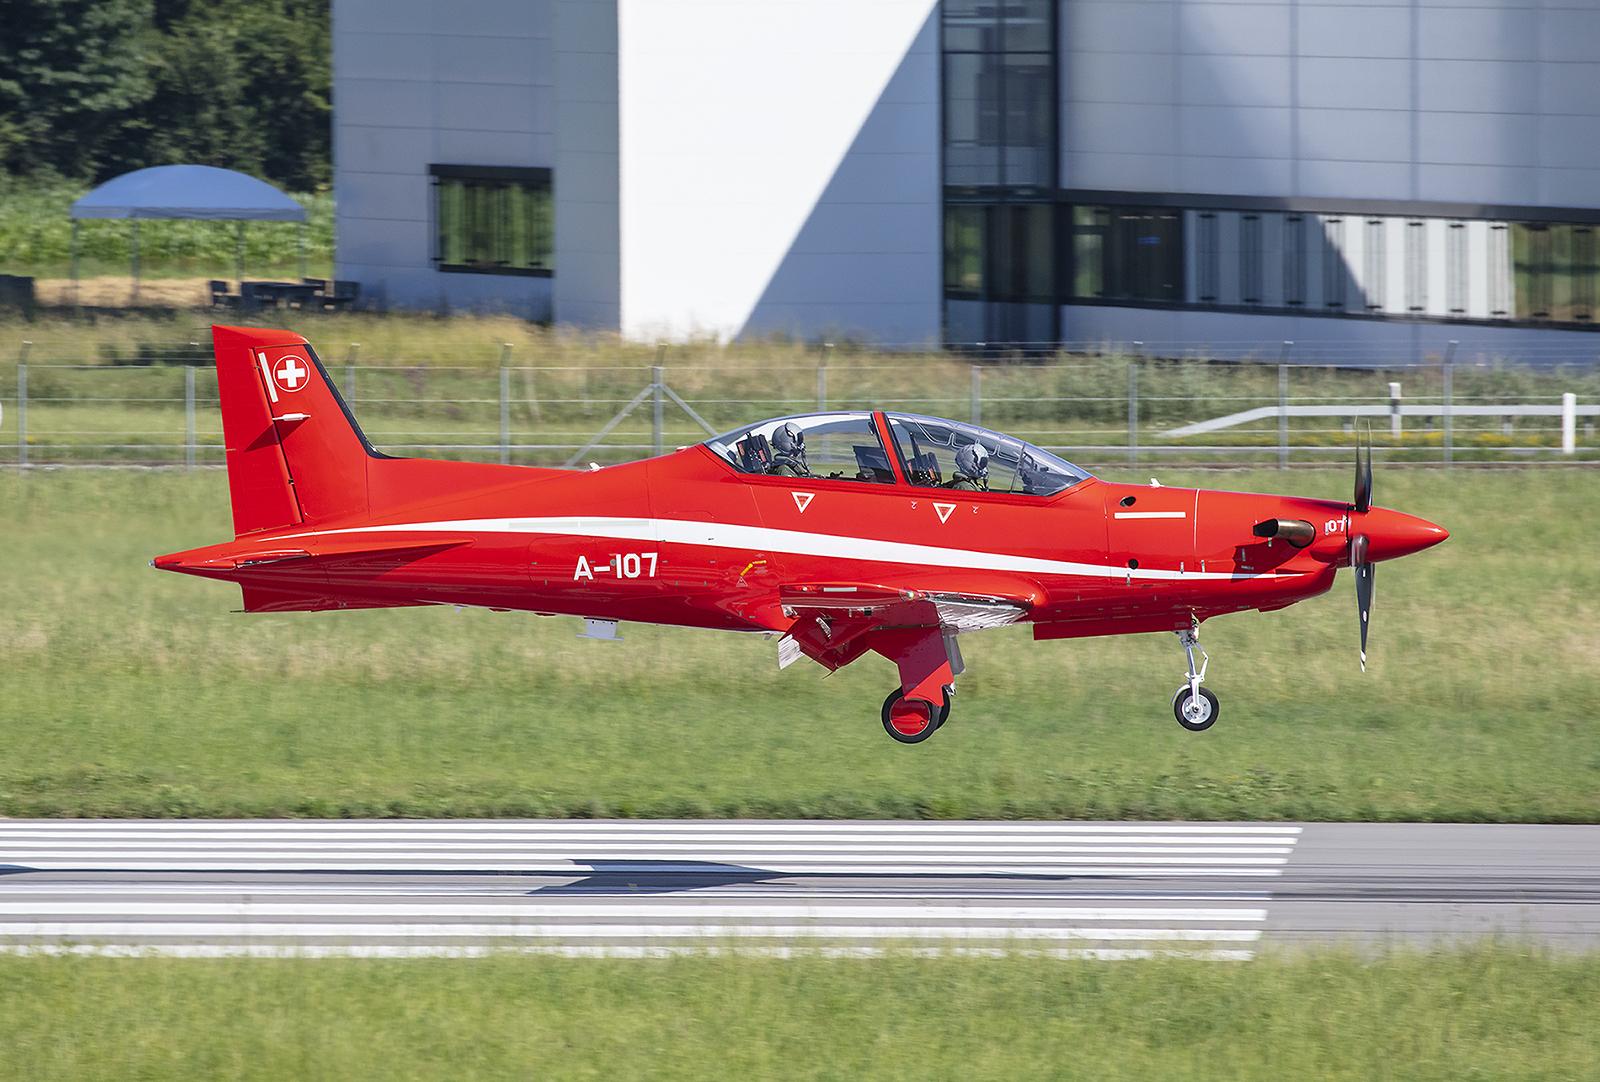 Das beste Propellertrainigsflugzeug auf dem Markt, die PC-21.